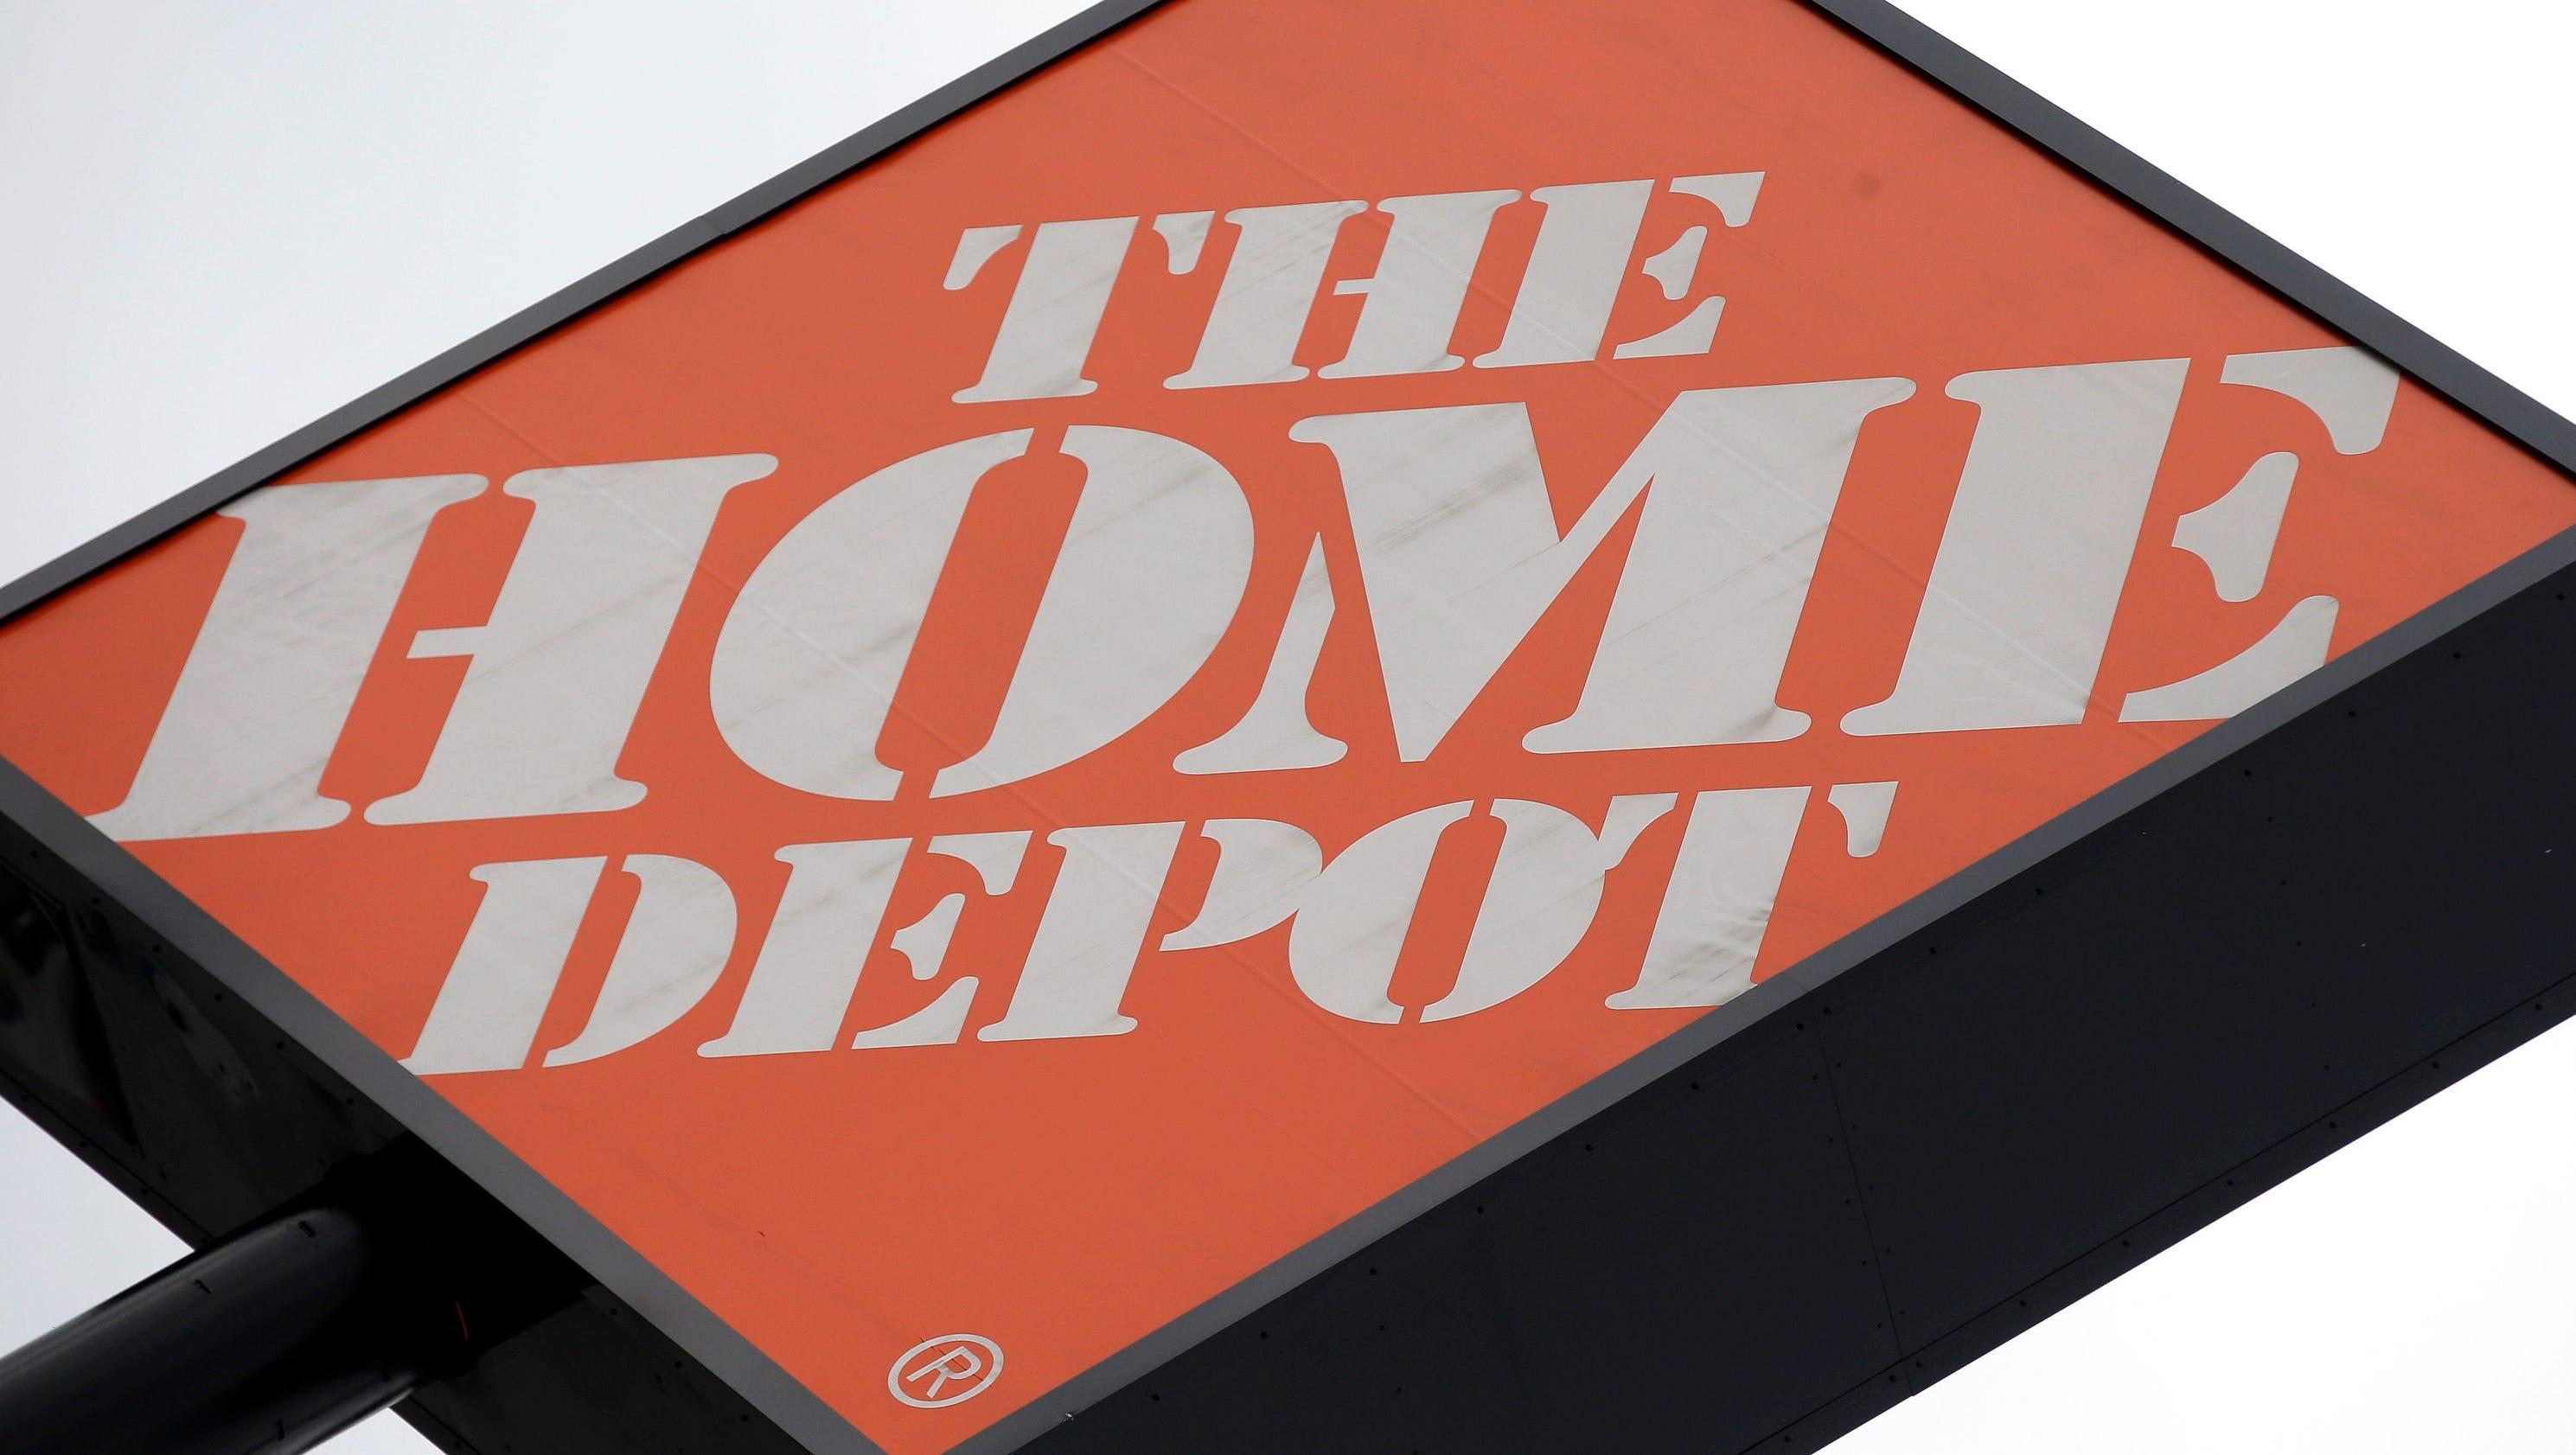 Home Depot Riverdale Utah sebich